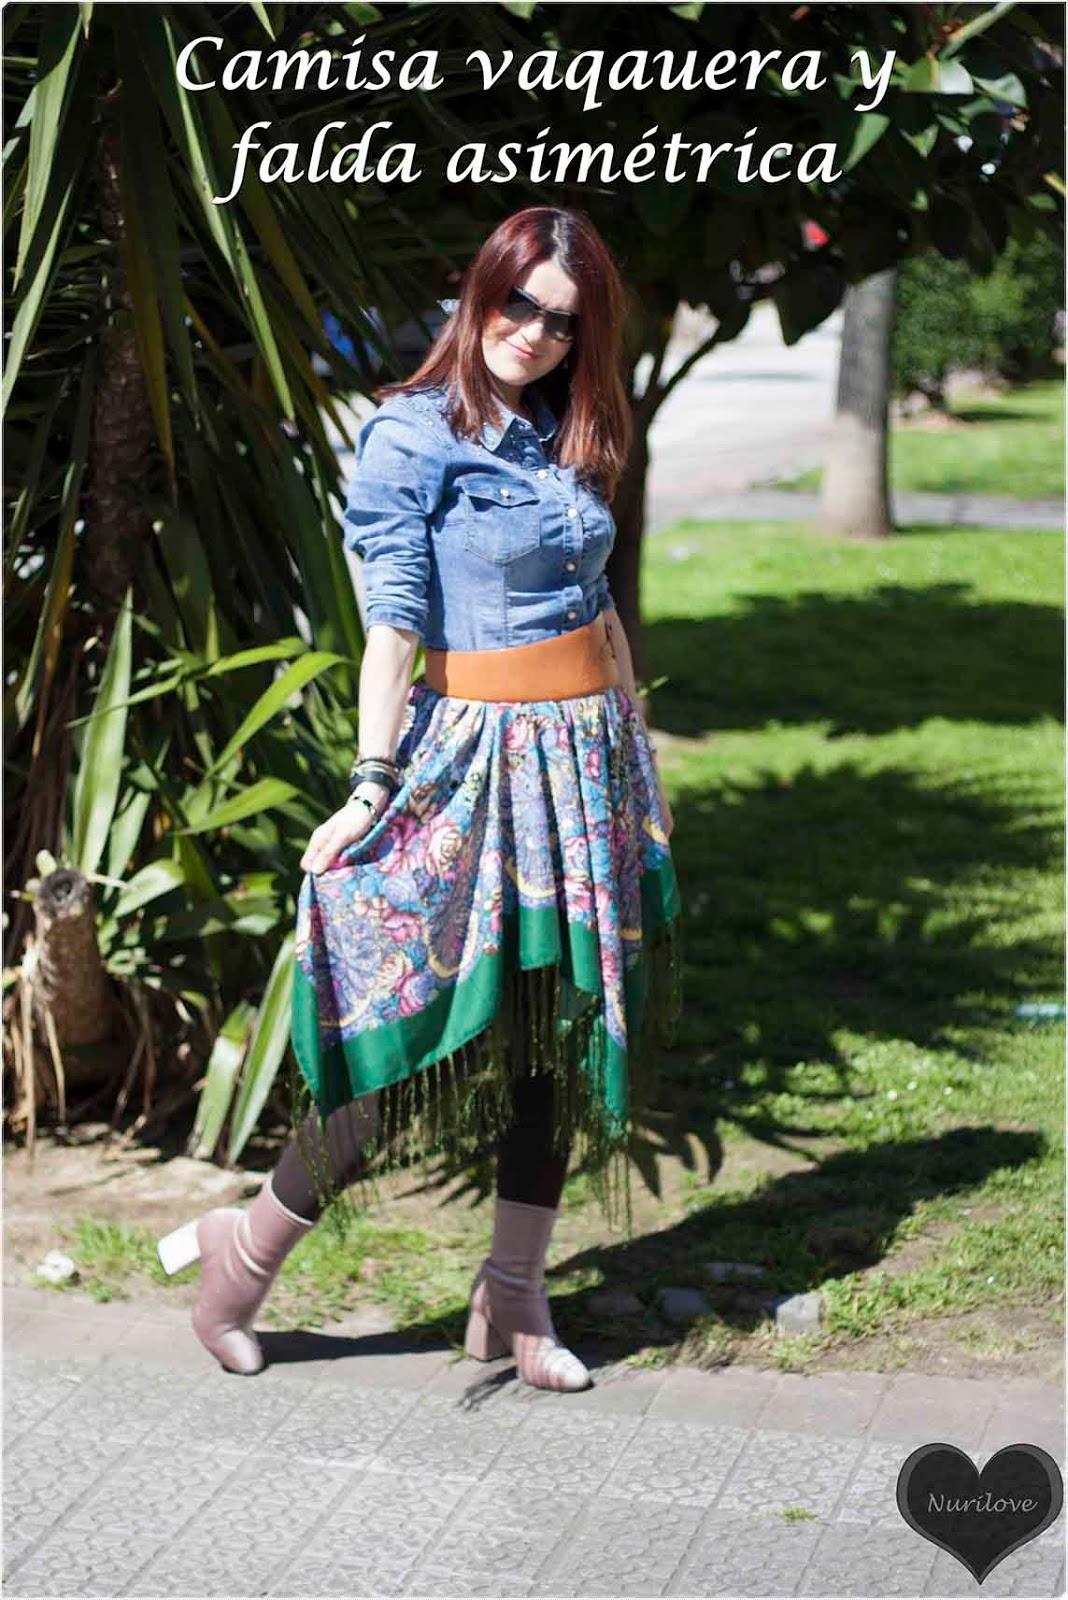 falda asimetrica muy original con estampado de flores combinada con camisa vaquera